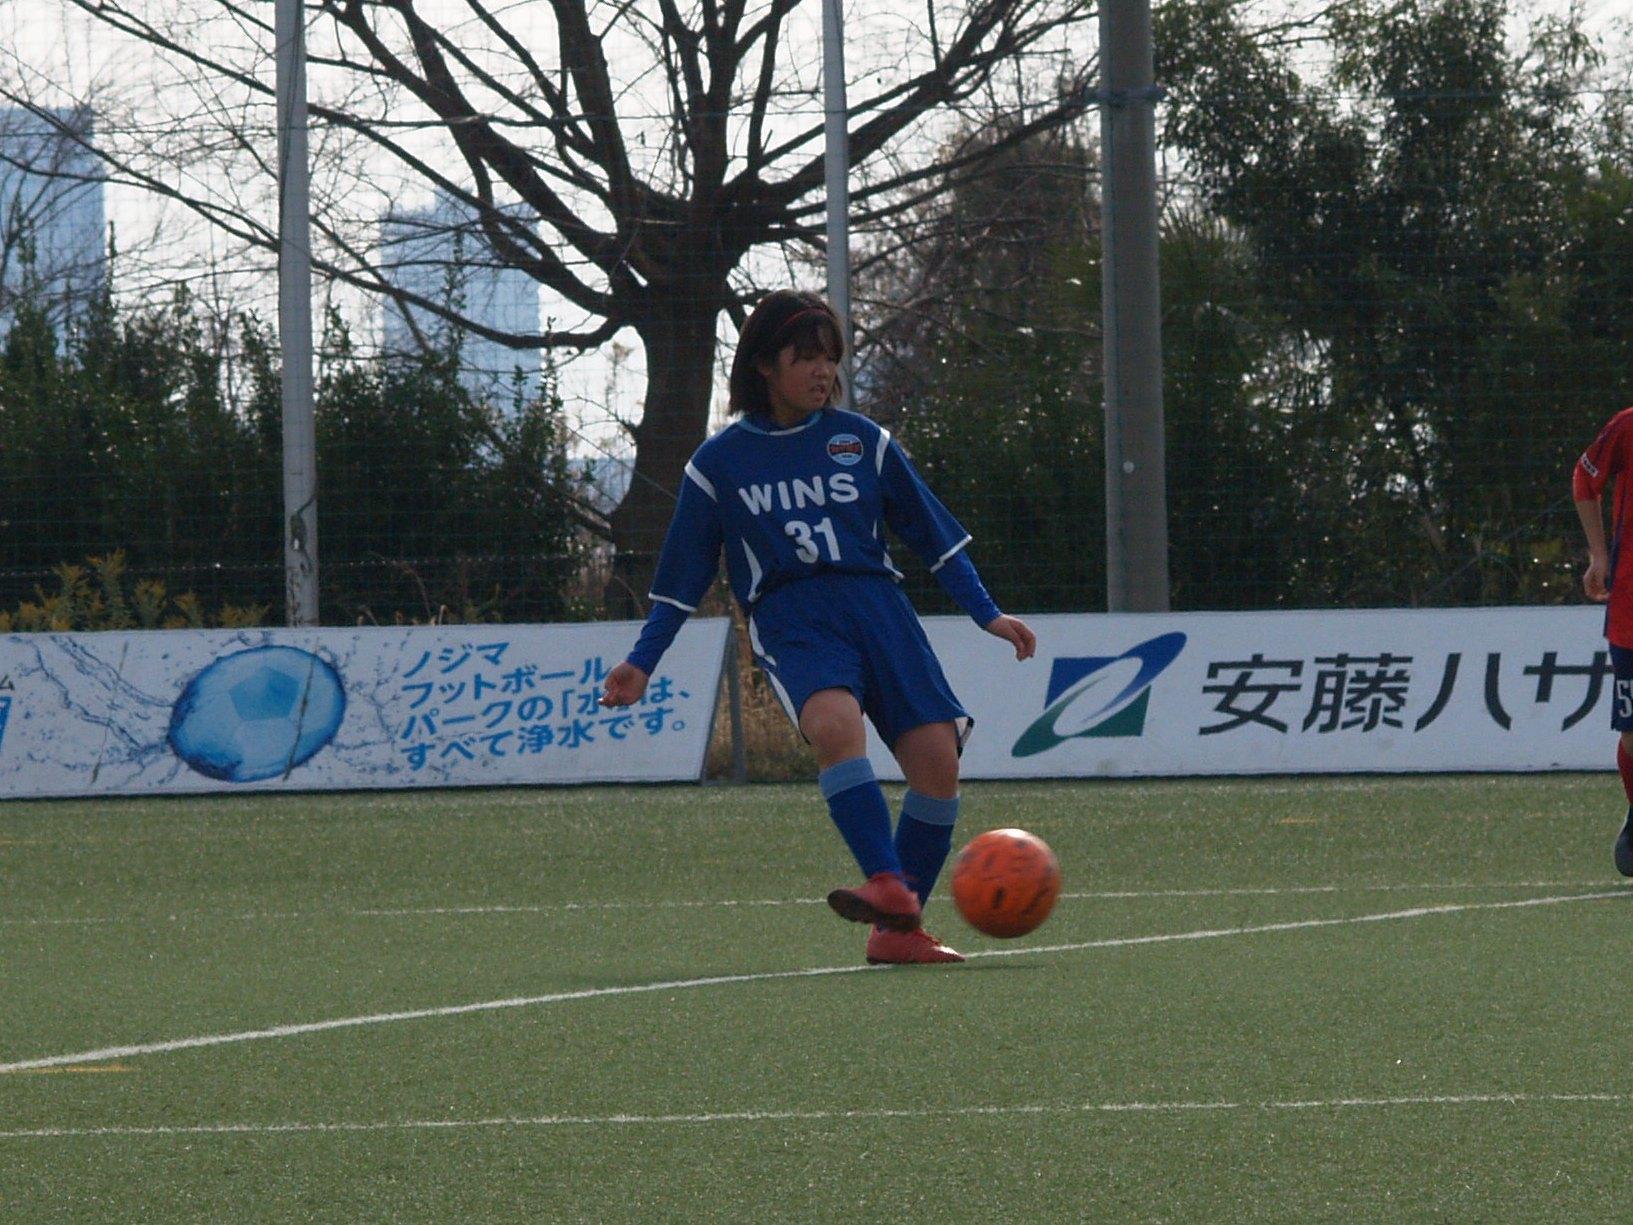 第24回神奈川県女子中学生サッカー大会_f0375011_22213262.jpg